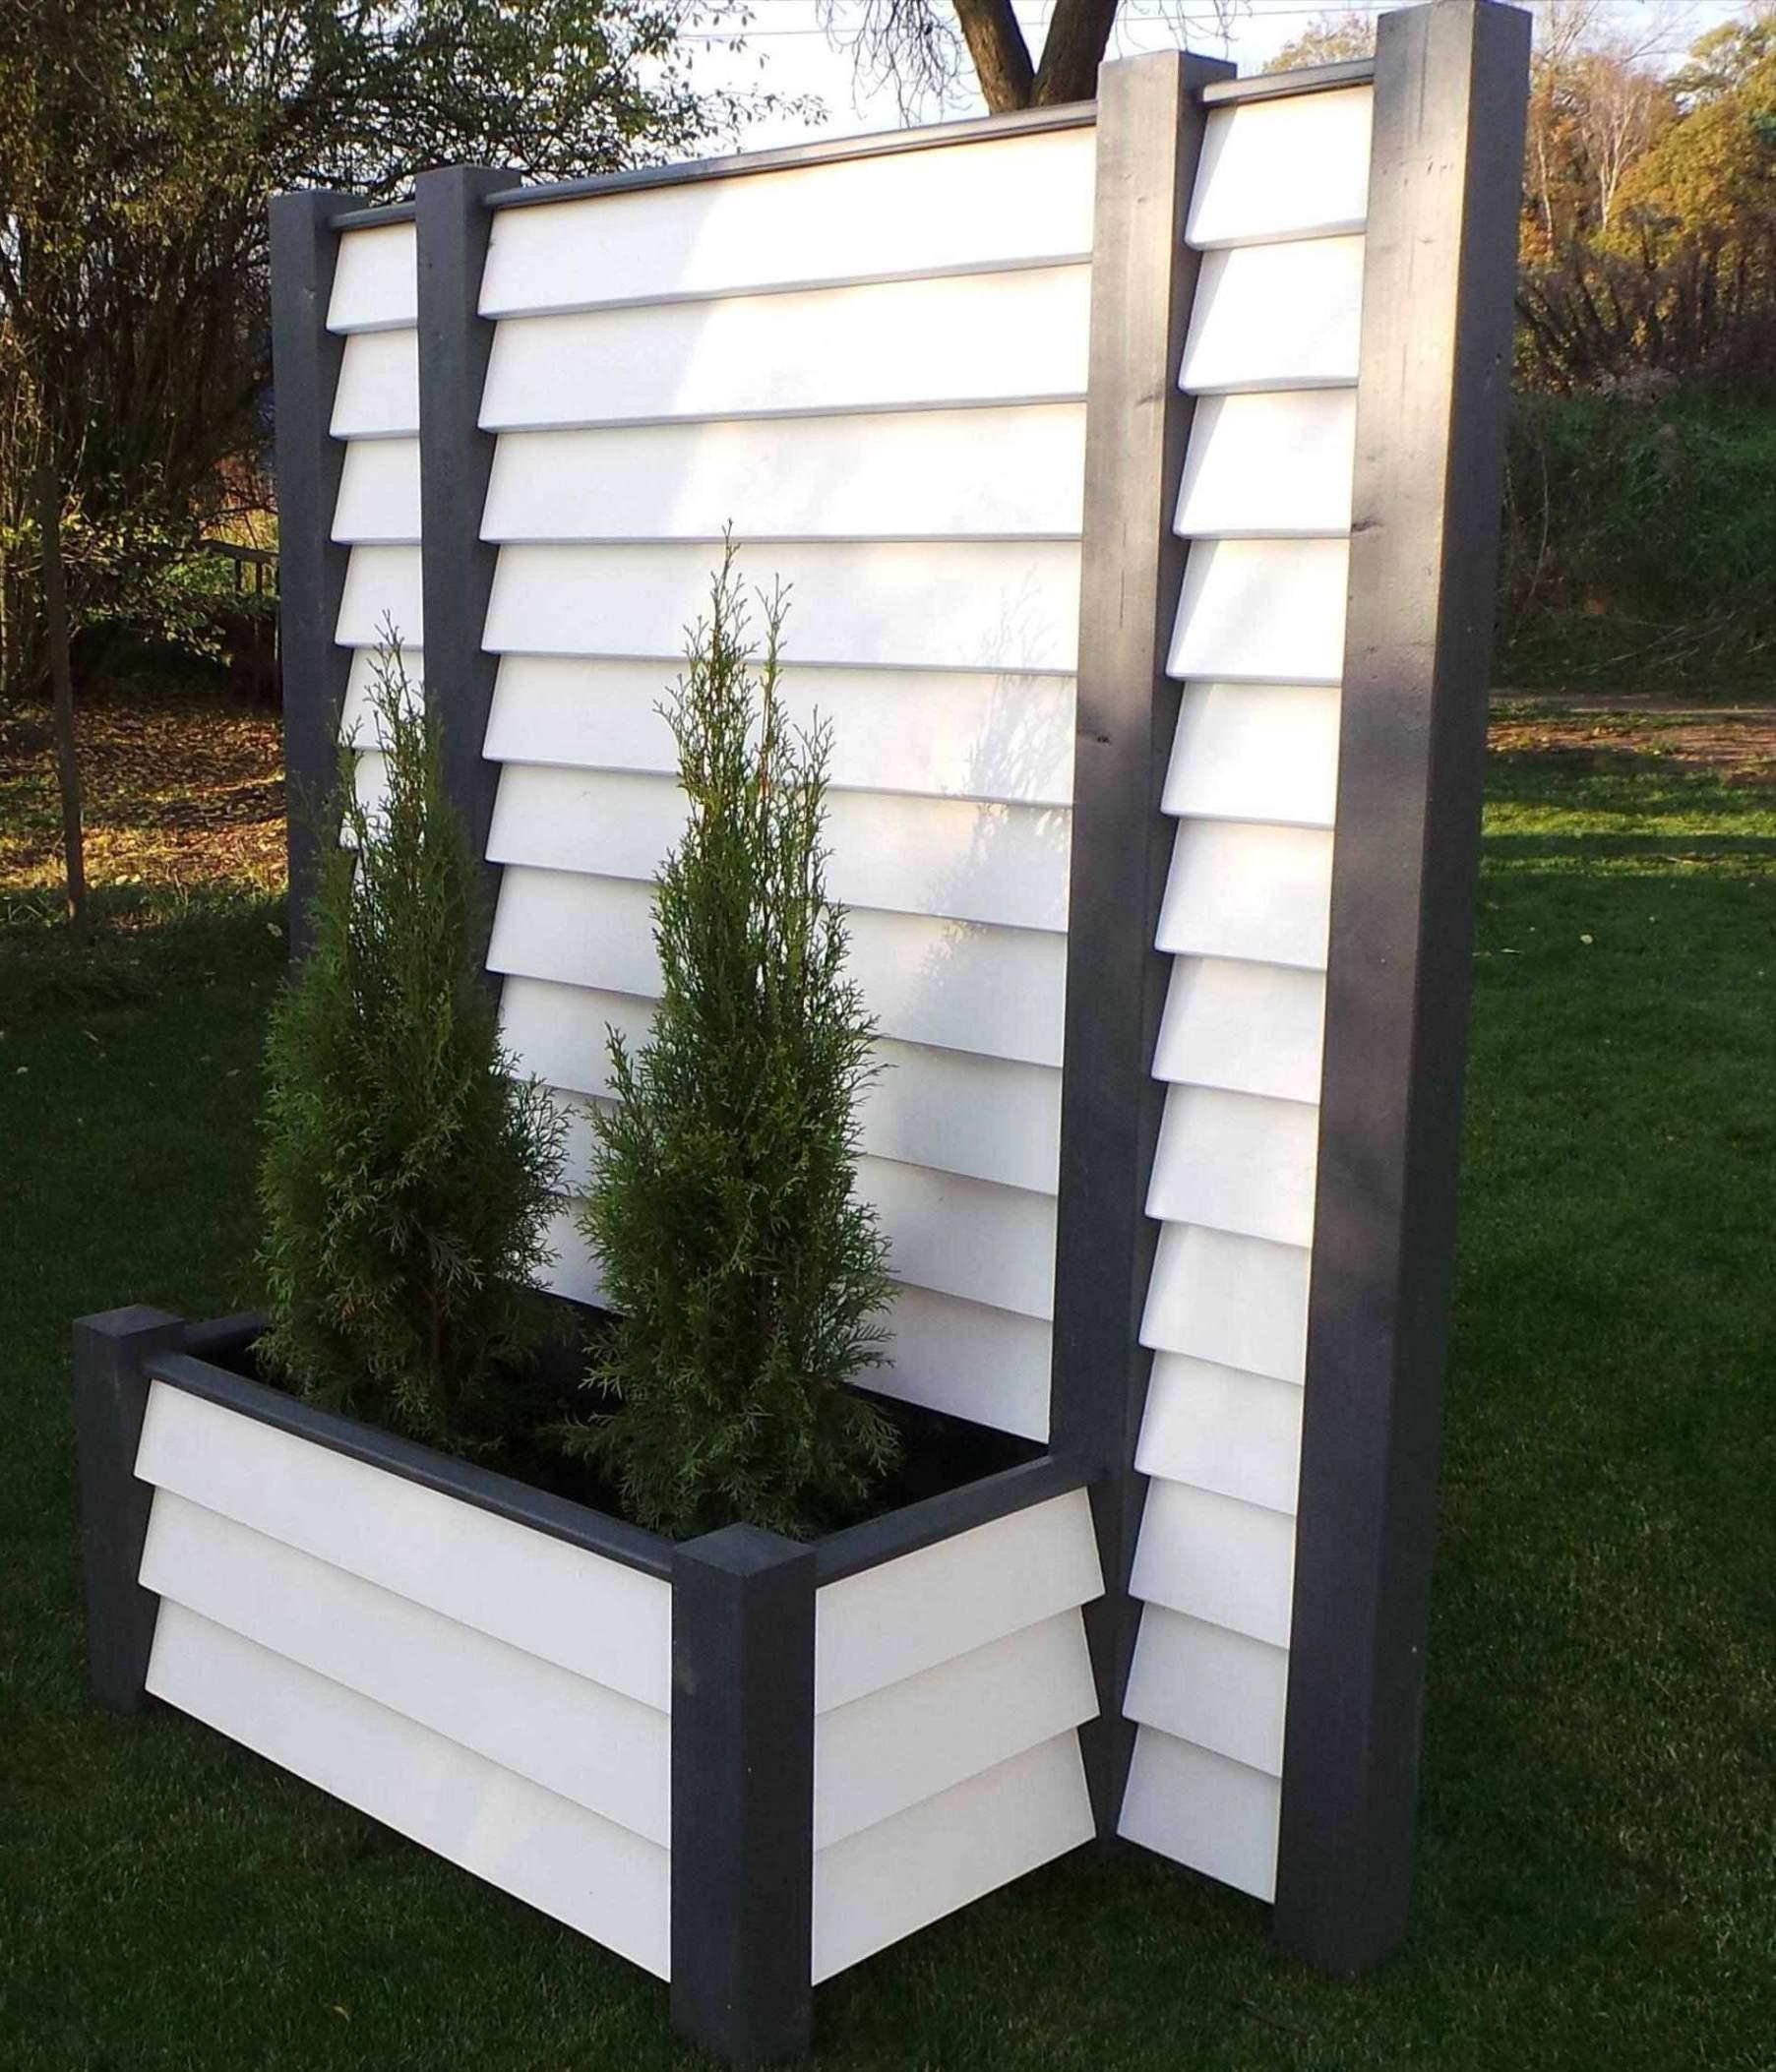 42 inspirierend garten fur kinder gestalten bild pflanzen sichtschutz terrasse kubel pflanzen sichtschutz terrasse kubel